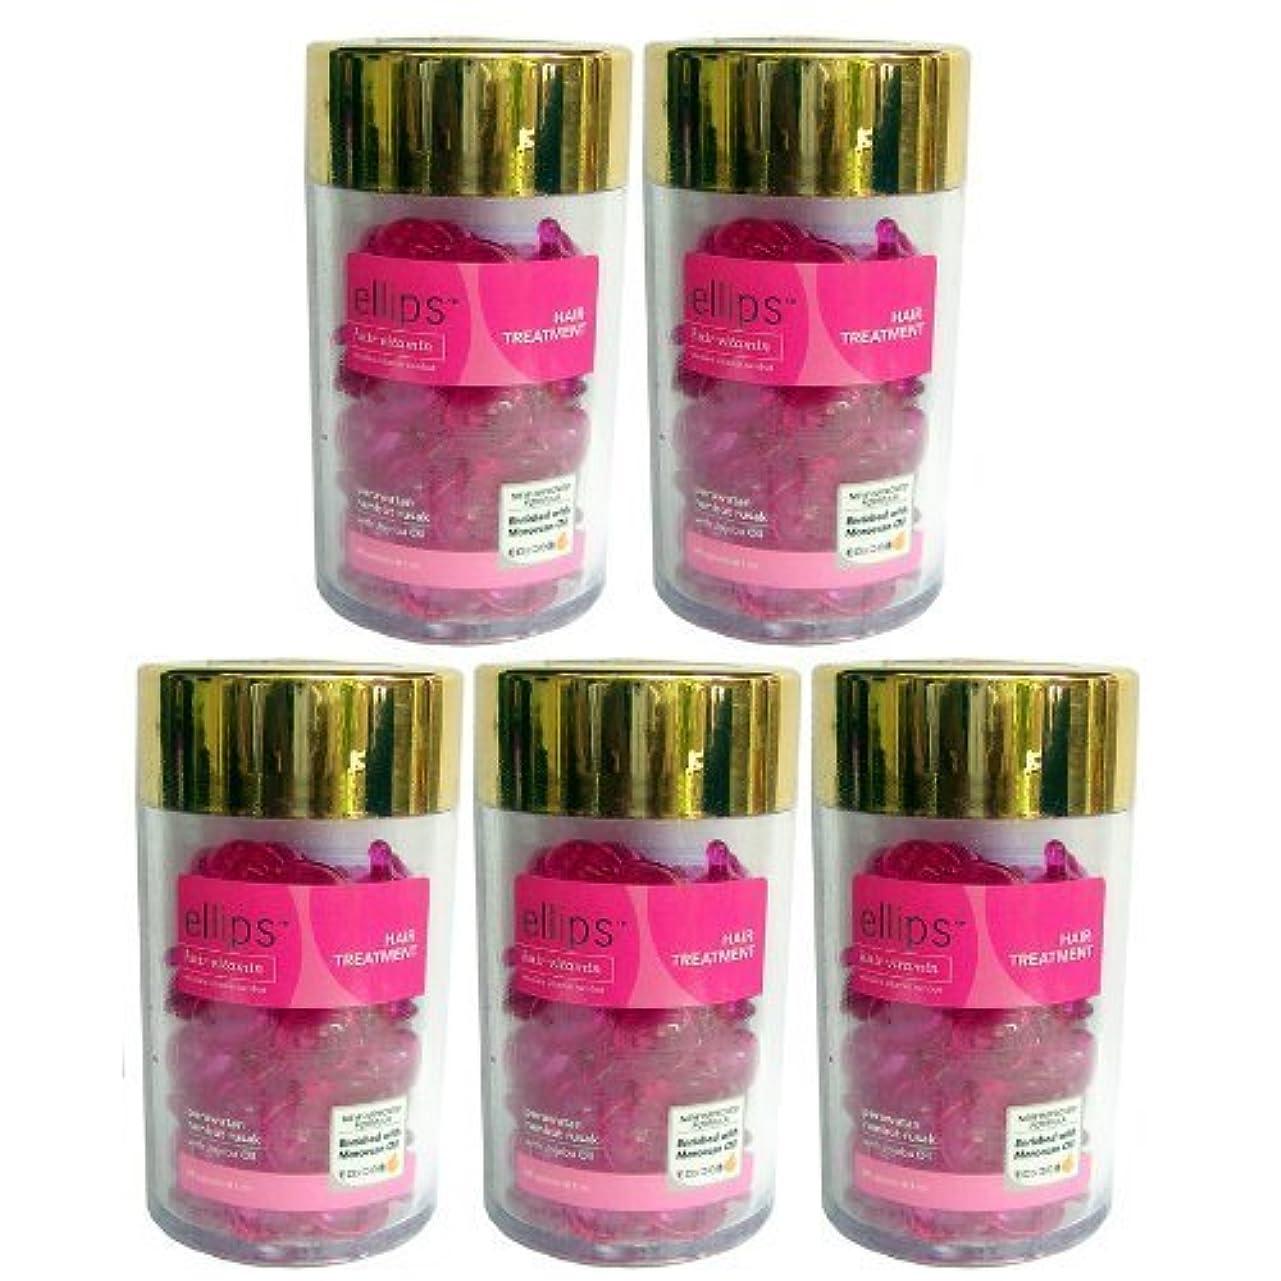 言うウミウシスプーンエリップス ellips ヘアビタミン洗い流さないヘアトリートメント(並行輸入品) (ピンク5本)